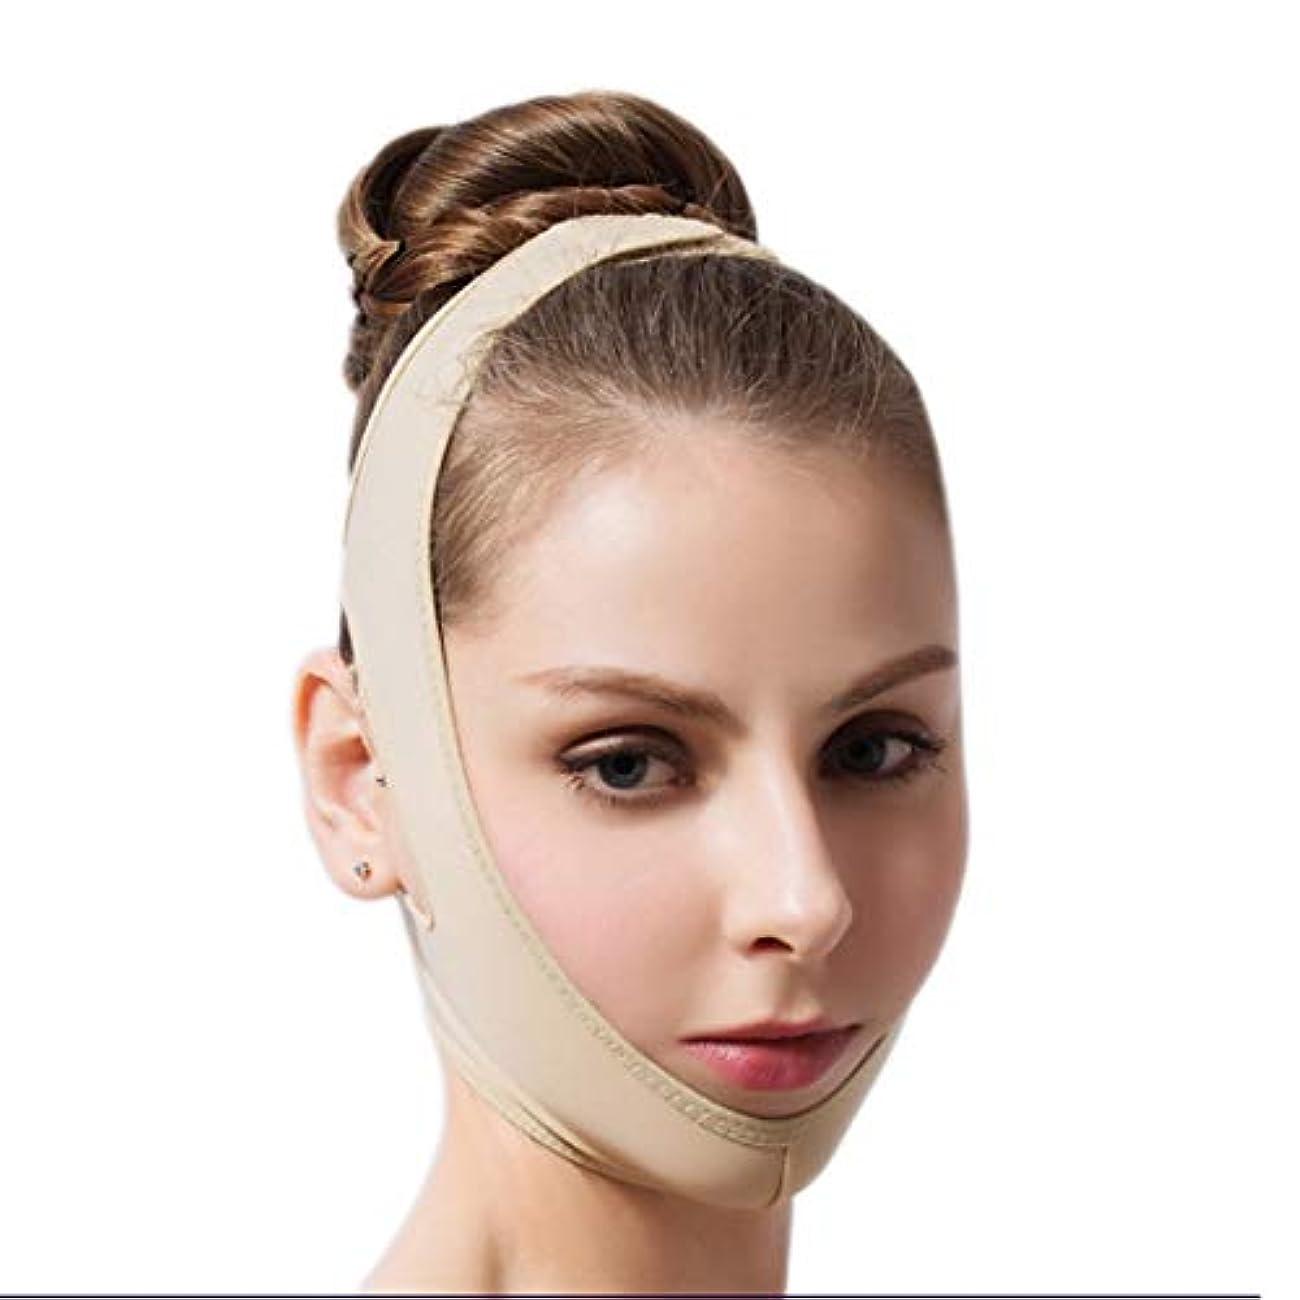 キャロライン厚いのスコアZWBD フェイスマスク, フェイスリフト包帯V整形術後回復包帯医療グレードマスクバンドルジョー二重あご (Size : L)